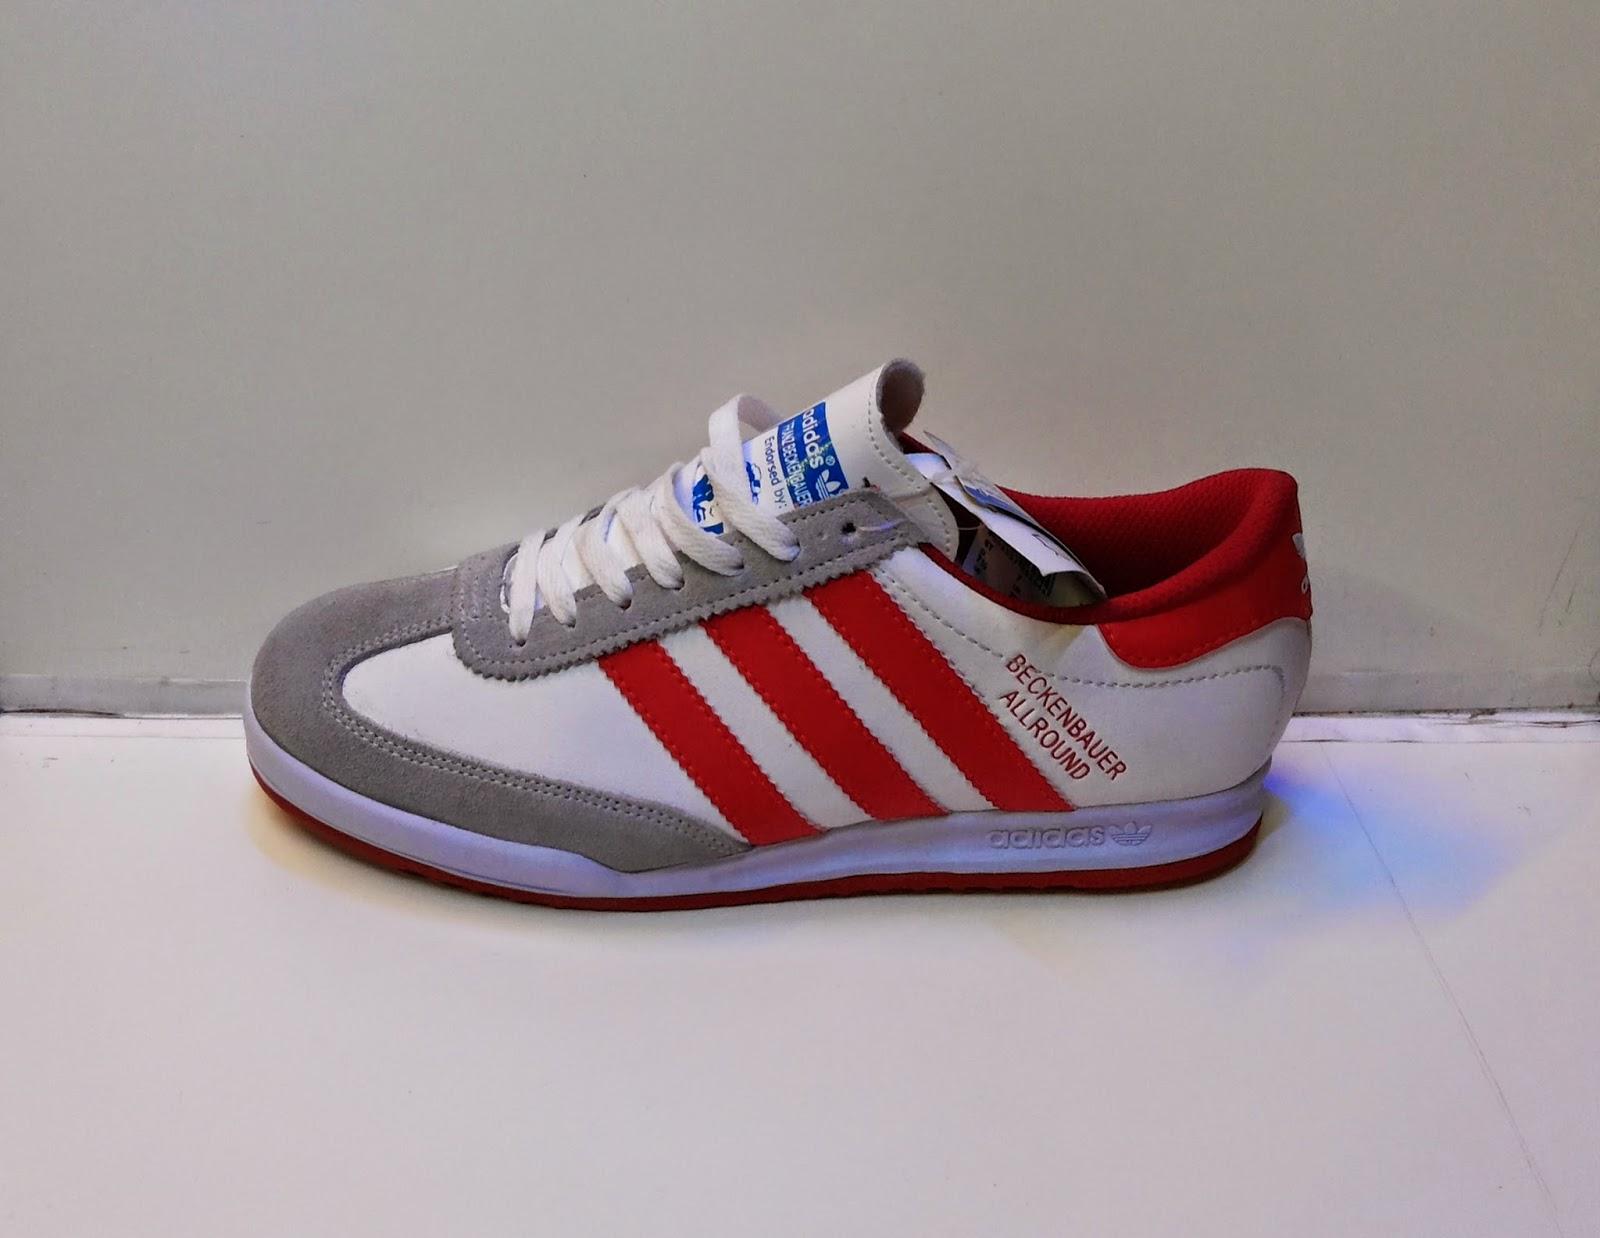 Sepatu Adidas Casual Beckenbauer, beli sepatu Adidas Casual Beckenbauer, sepatu Adidas Casual Beckenbauer  terbaru 2014, sepatu Adidas Casual Beckenbauer, Toko sepatu Adidas Casual Beckenbauer, Toko online sepatu Adidas Casual Beckenbauer, sepatu Adidas Casual Beckenbauer baru, grosir sepatu, sepatu running, sepatu casual,sepatu online murah.